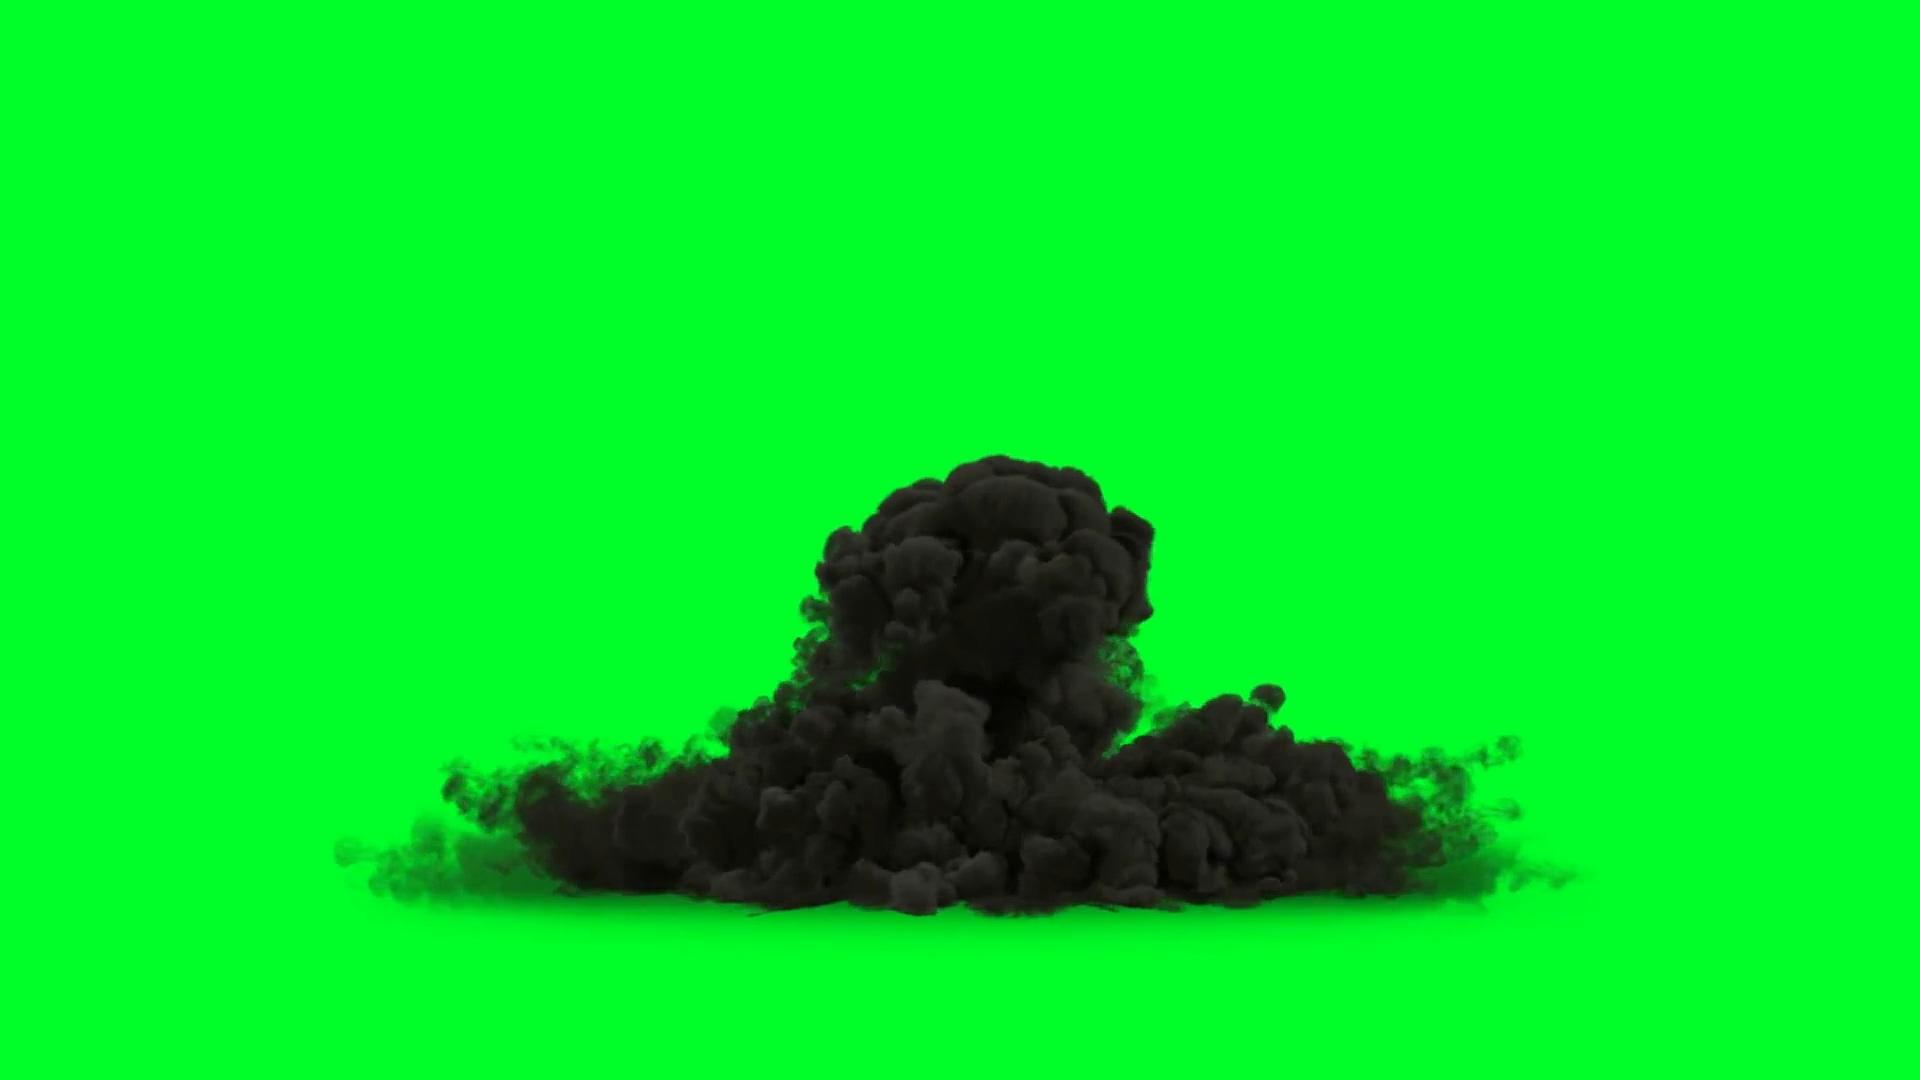 绿屏抠像各种爆炸烟雾